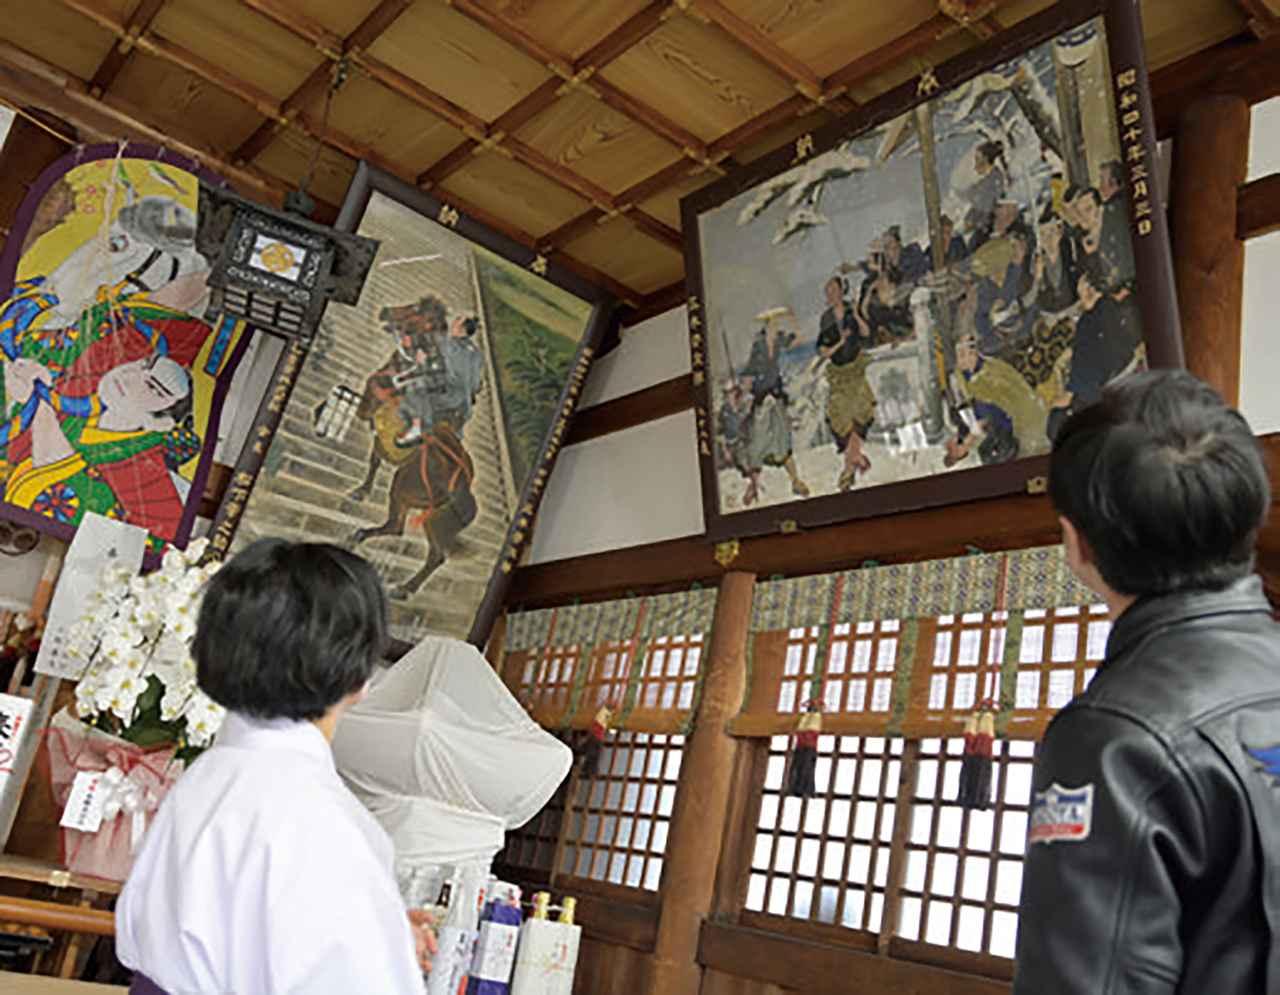 画像: 拝殿には馬で駆け上がる平九郎さんの絵が飾られています。旧丸亀藩の領地である香川県西讃地方には、今でも男の子の節句に平九郎さんにちなみ米粉でできた馬の人形を作る風習があるそうです。